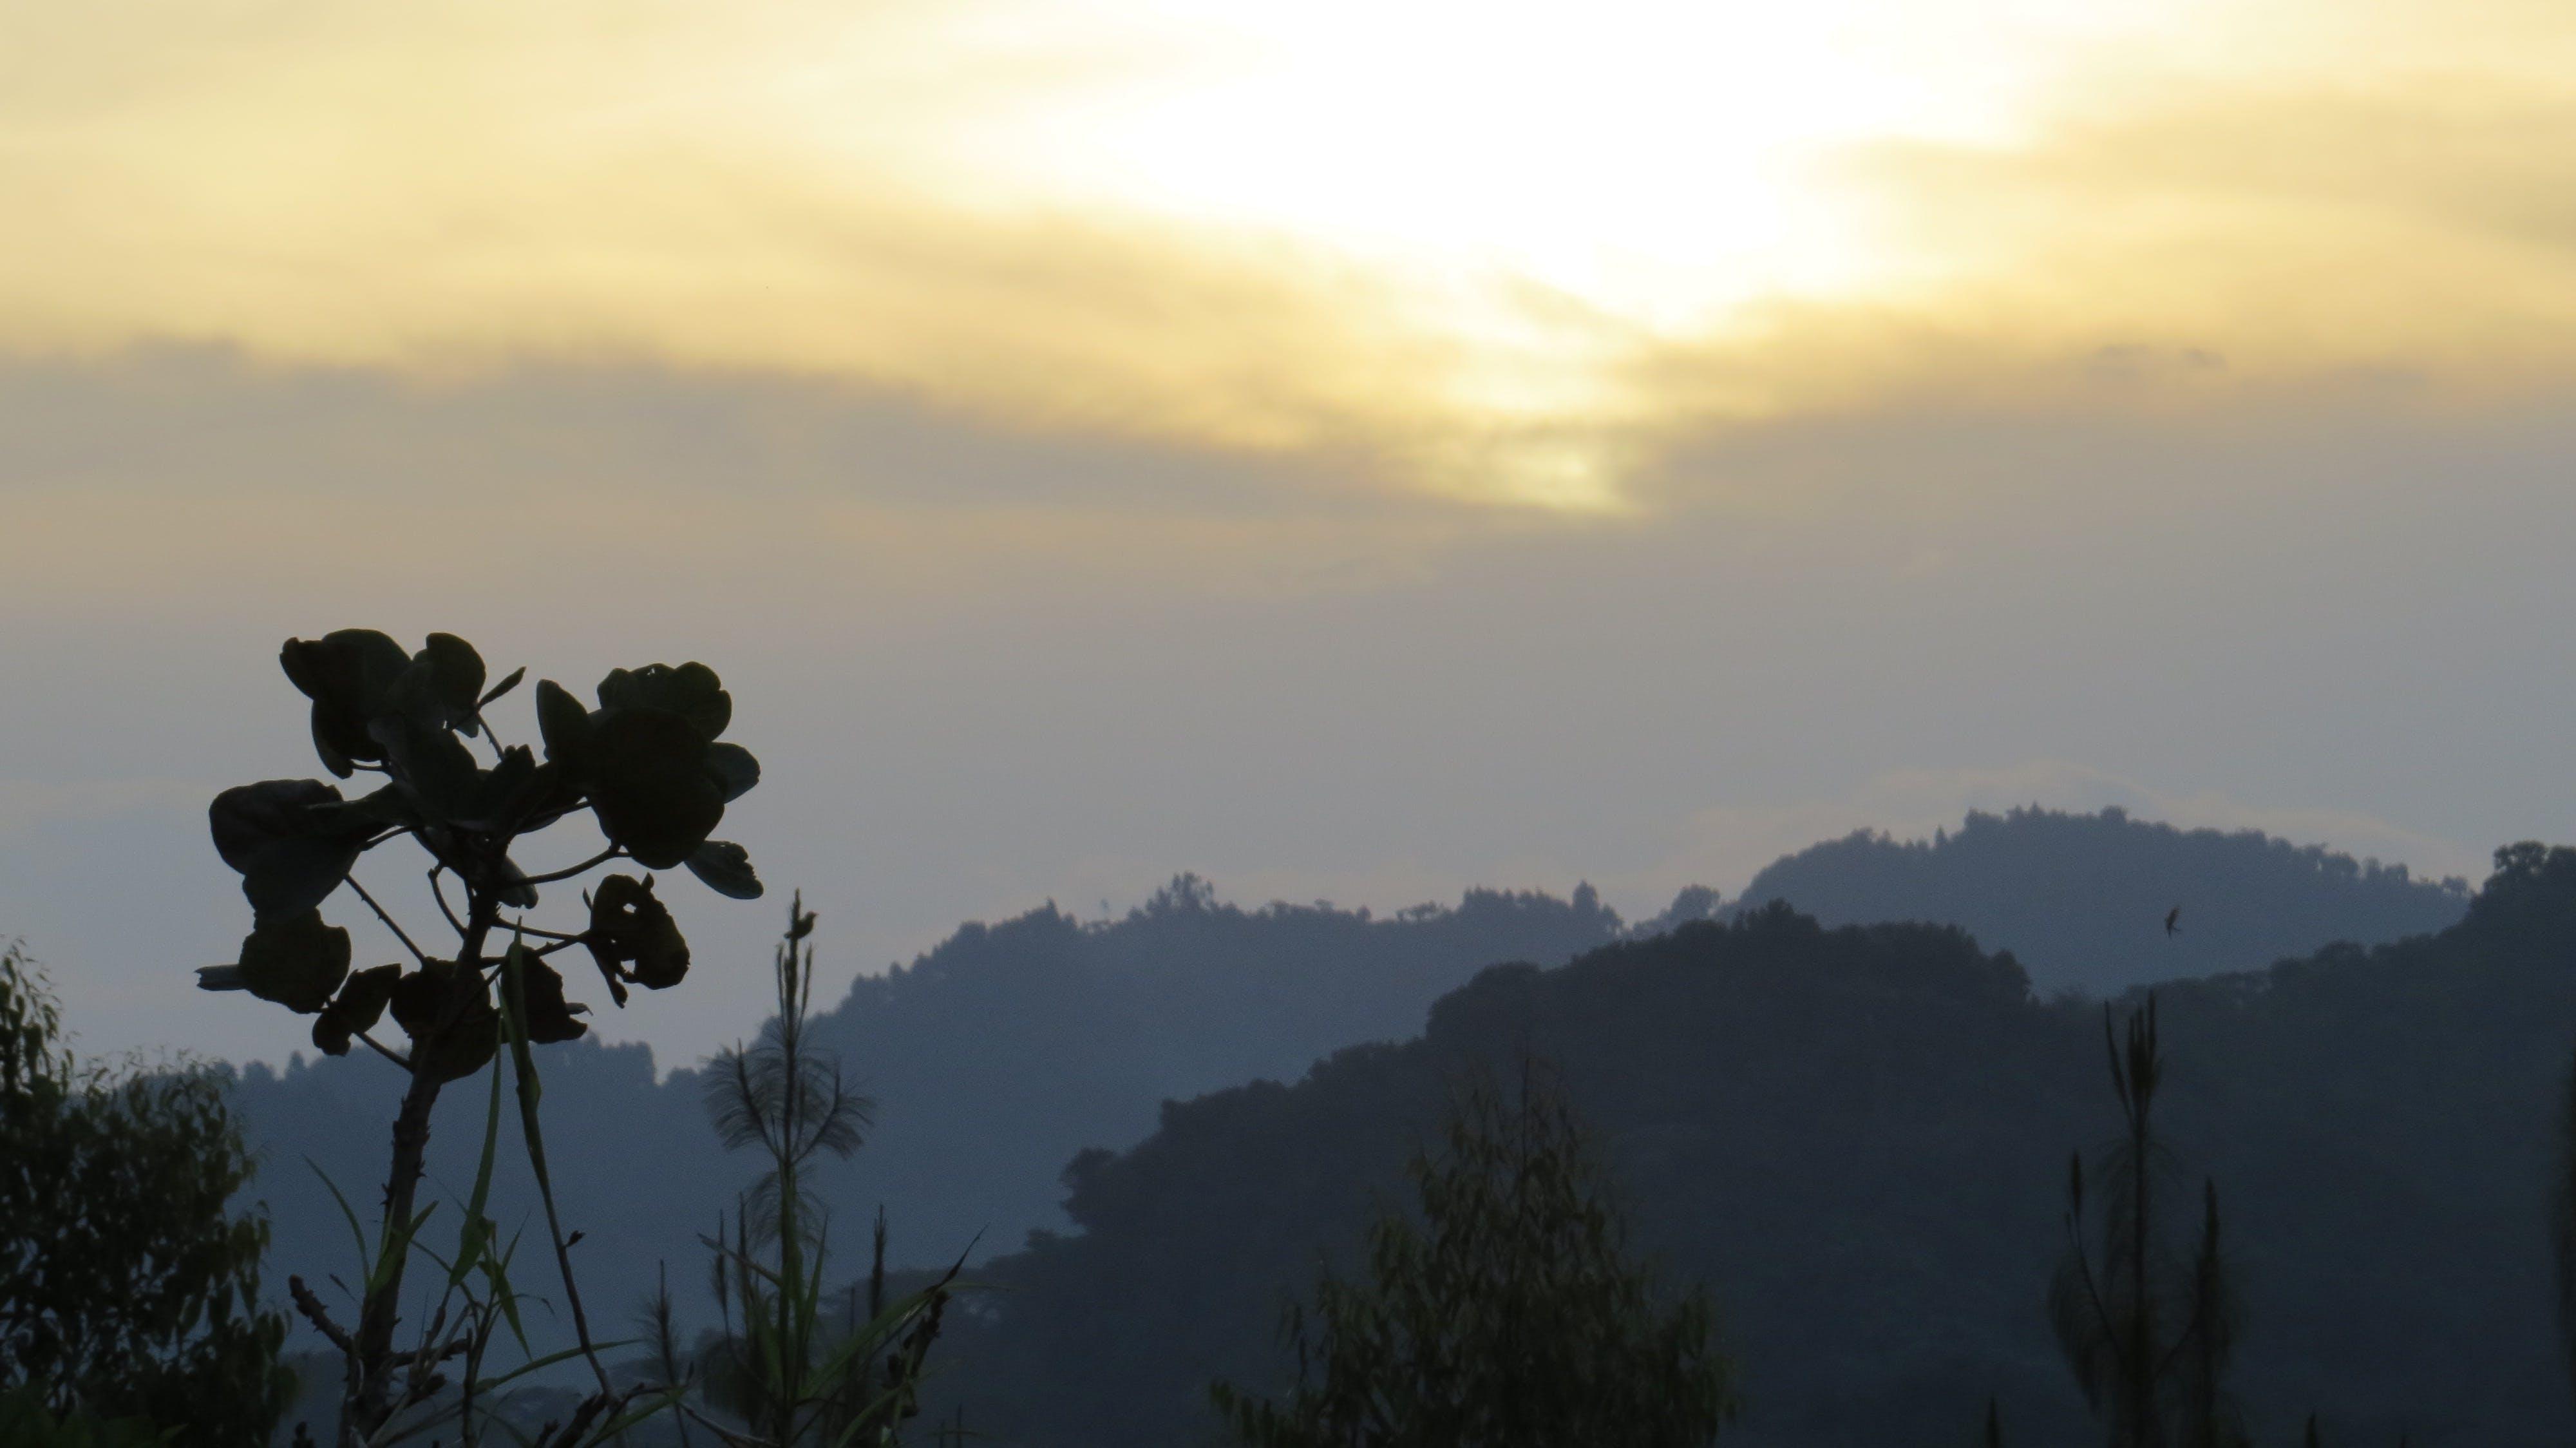 Δωρεάν στοκ φωτογραφιών με bwindi αδιαπέραστο, rushaga, Αφρική, δύση του ηλίου